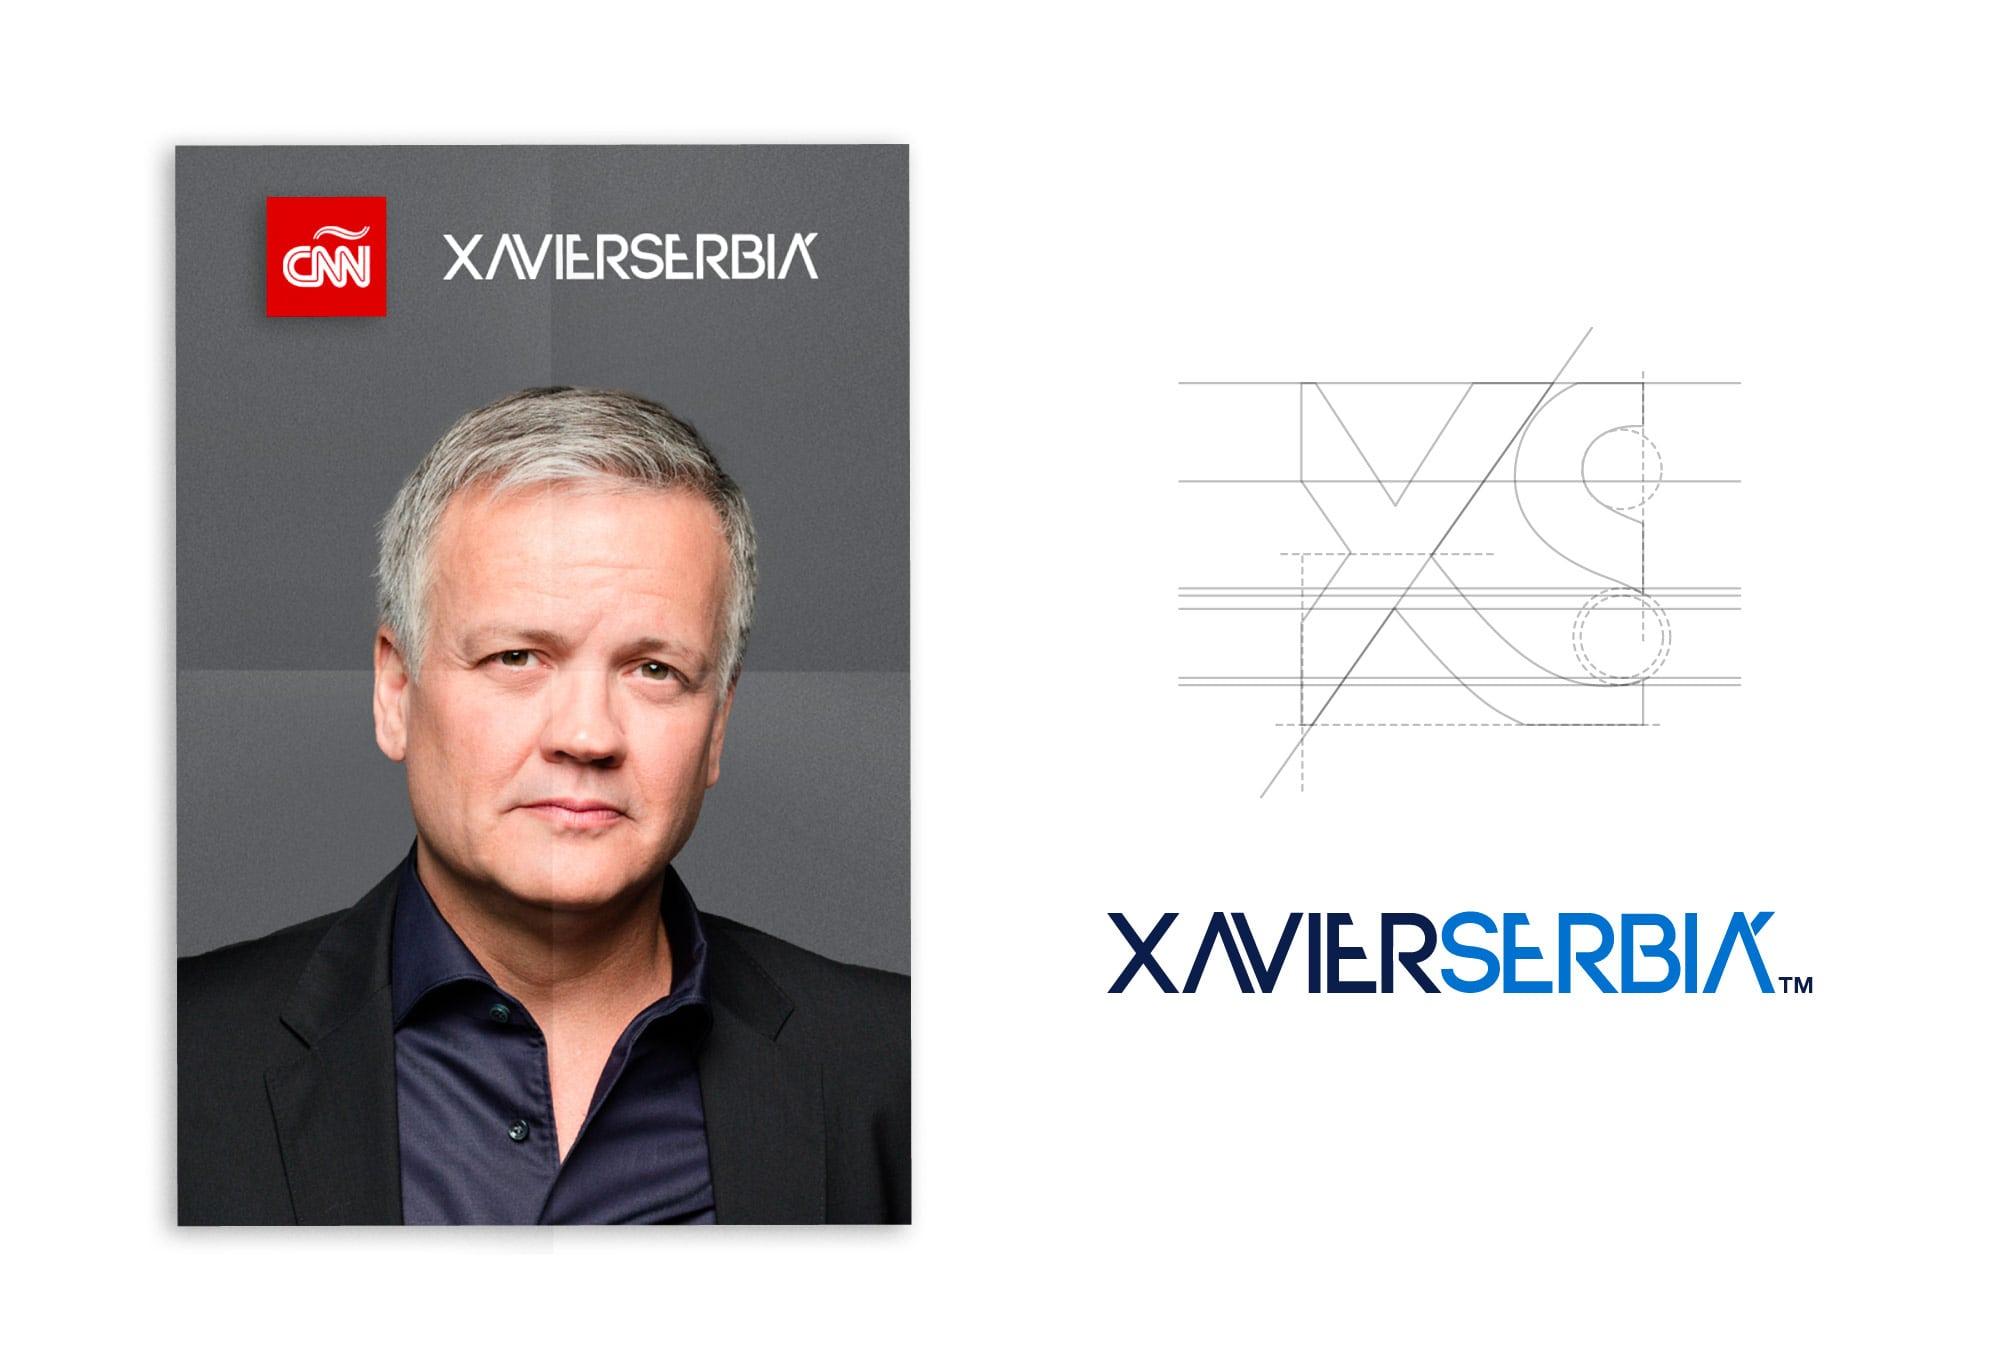 Xavier Serbiá